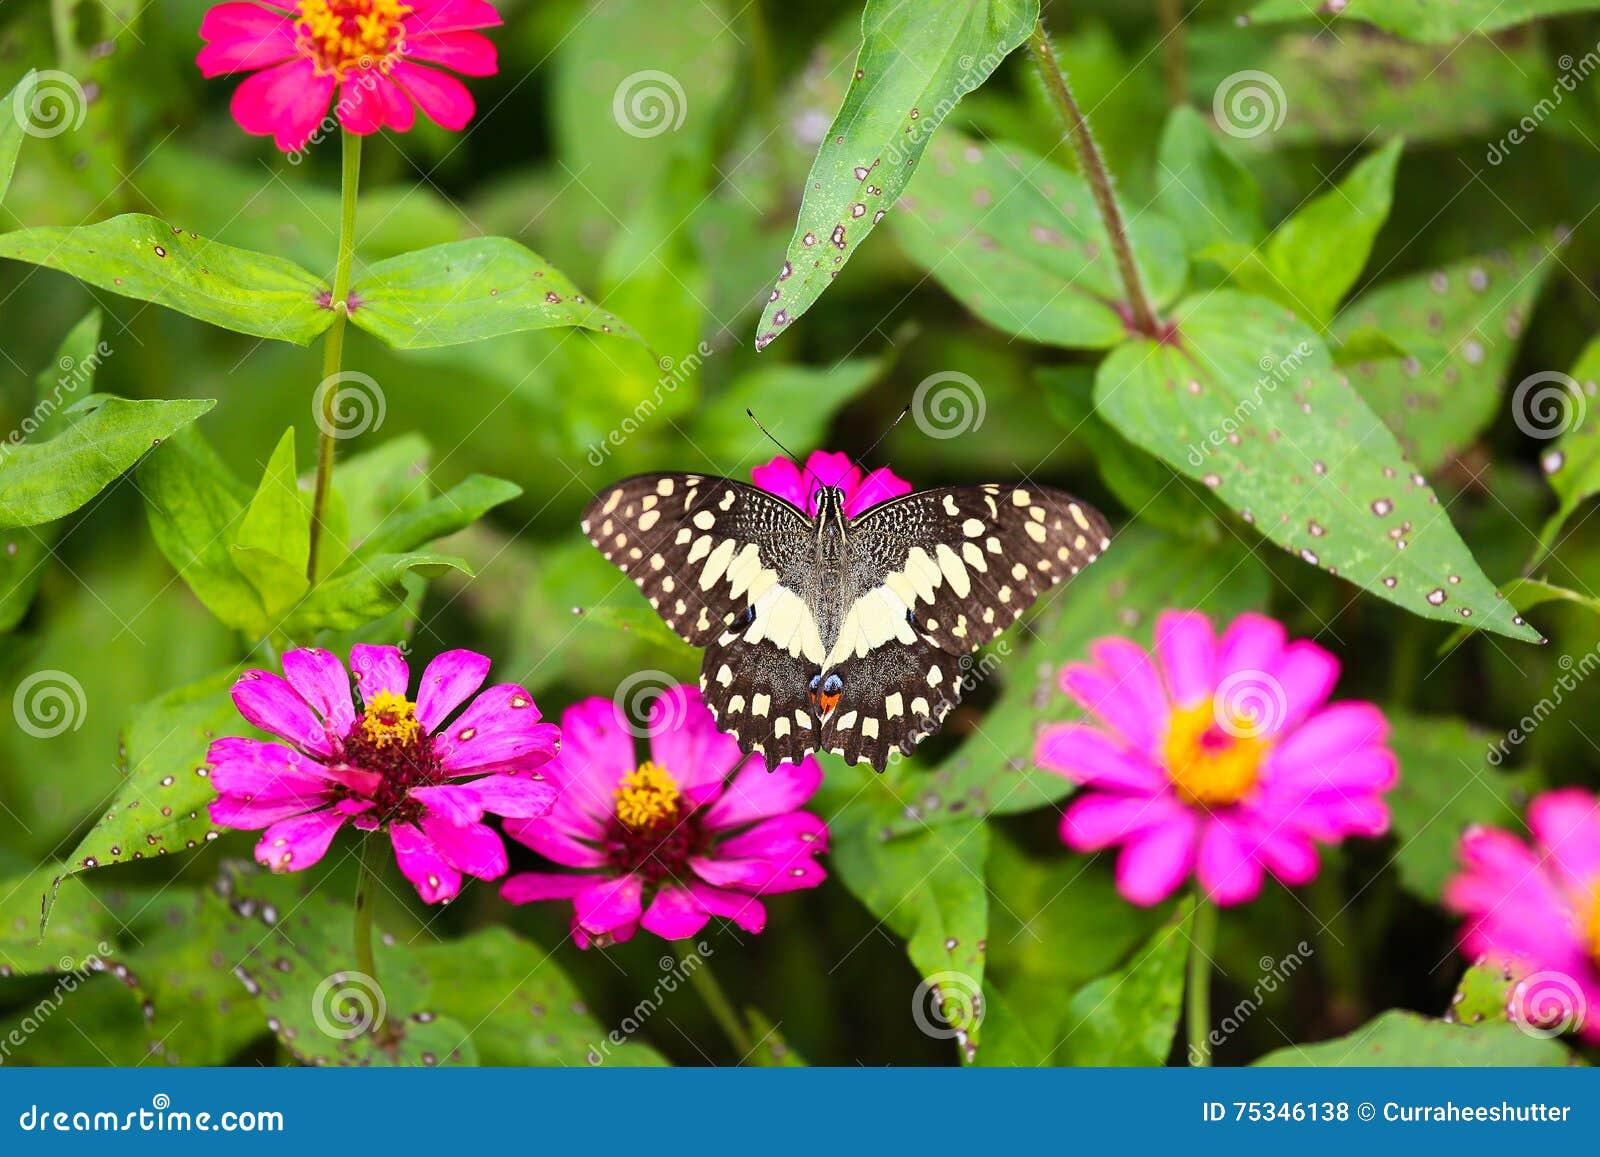 Vlinder in tuin en het vliegen aan vele bloemen in tuin for Vliegen in de tuin